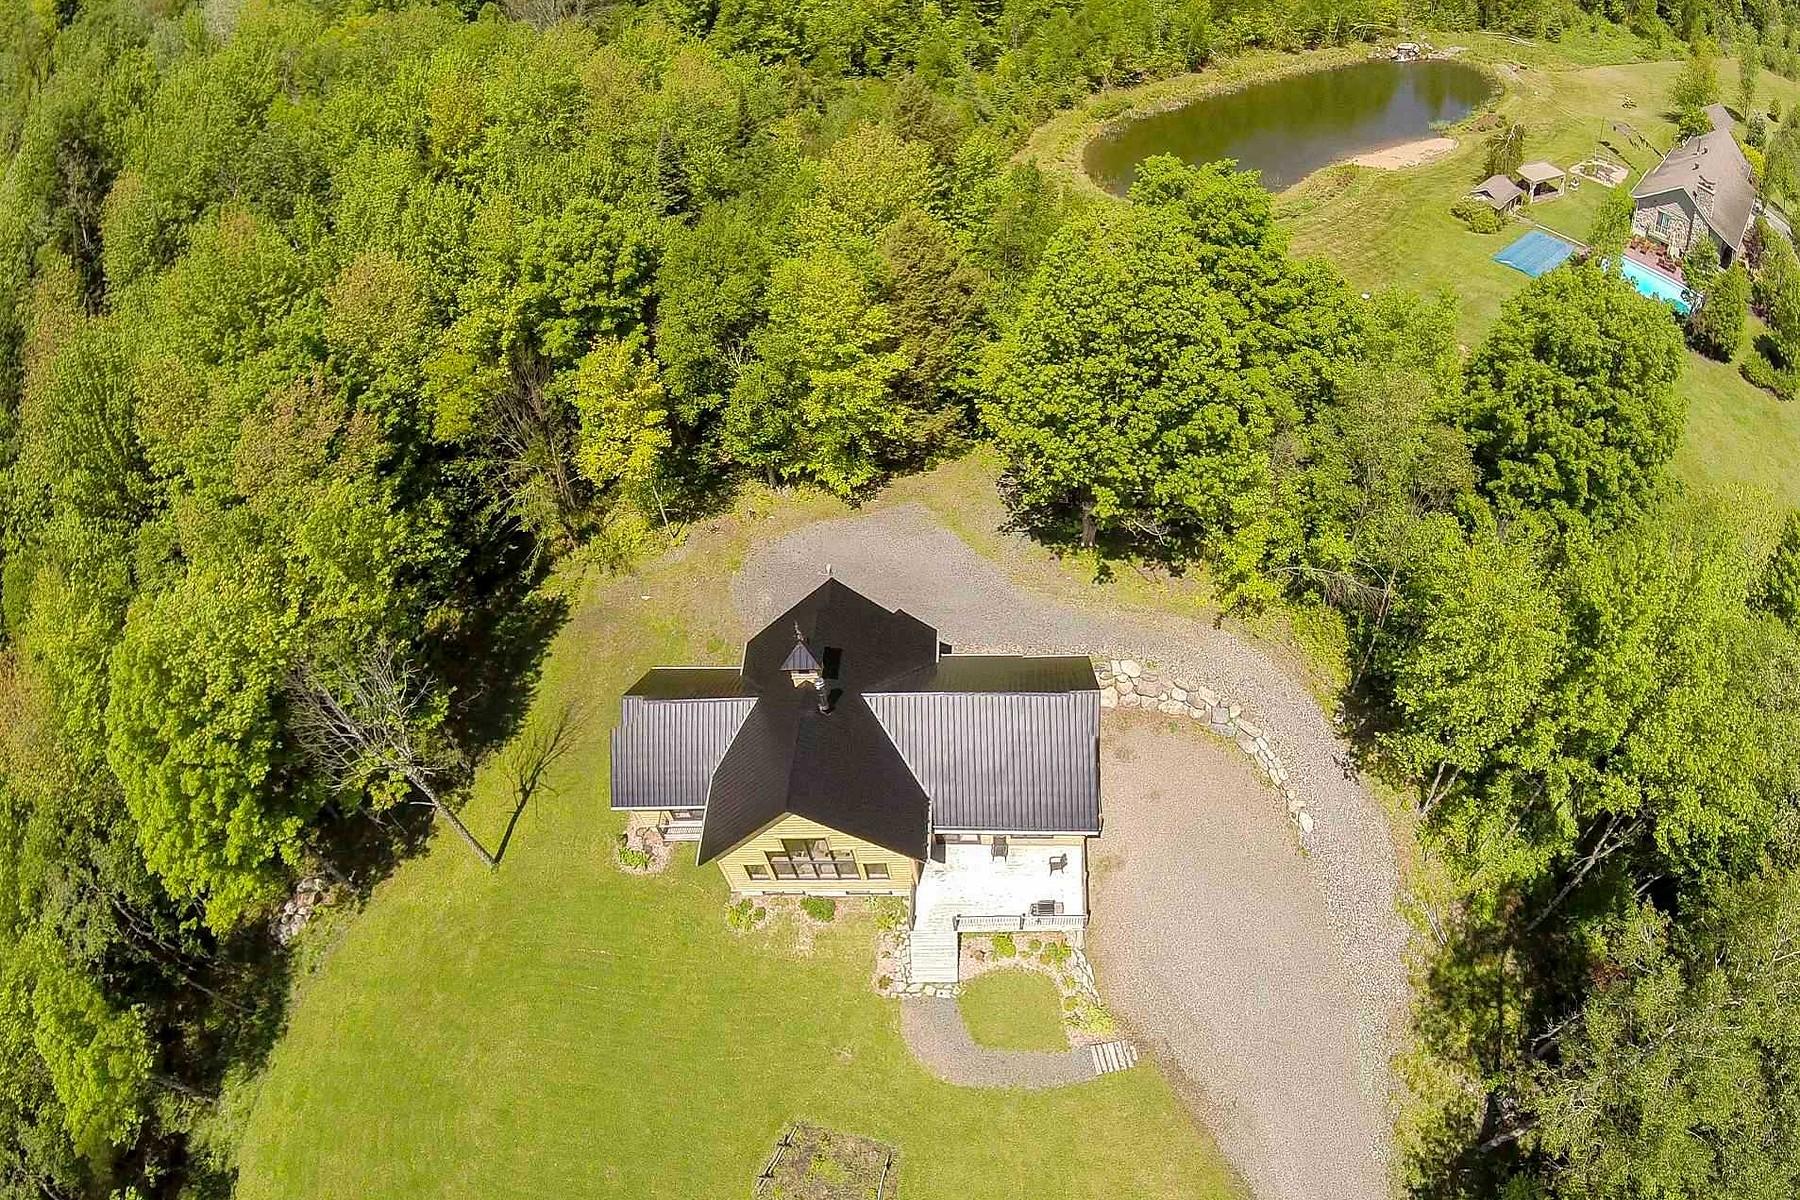 独户住宅 为 销售 在 Stukely-Sud, Estrie 475 Ch. Aline Stukely-Sud, 魁北克省, J0E2J0 加拿大